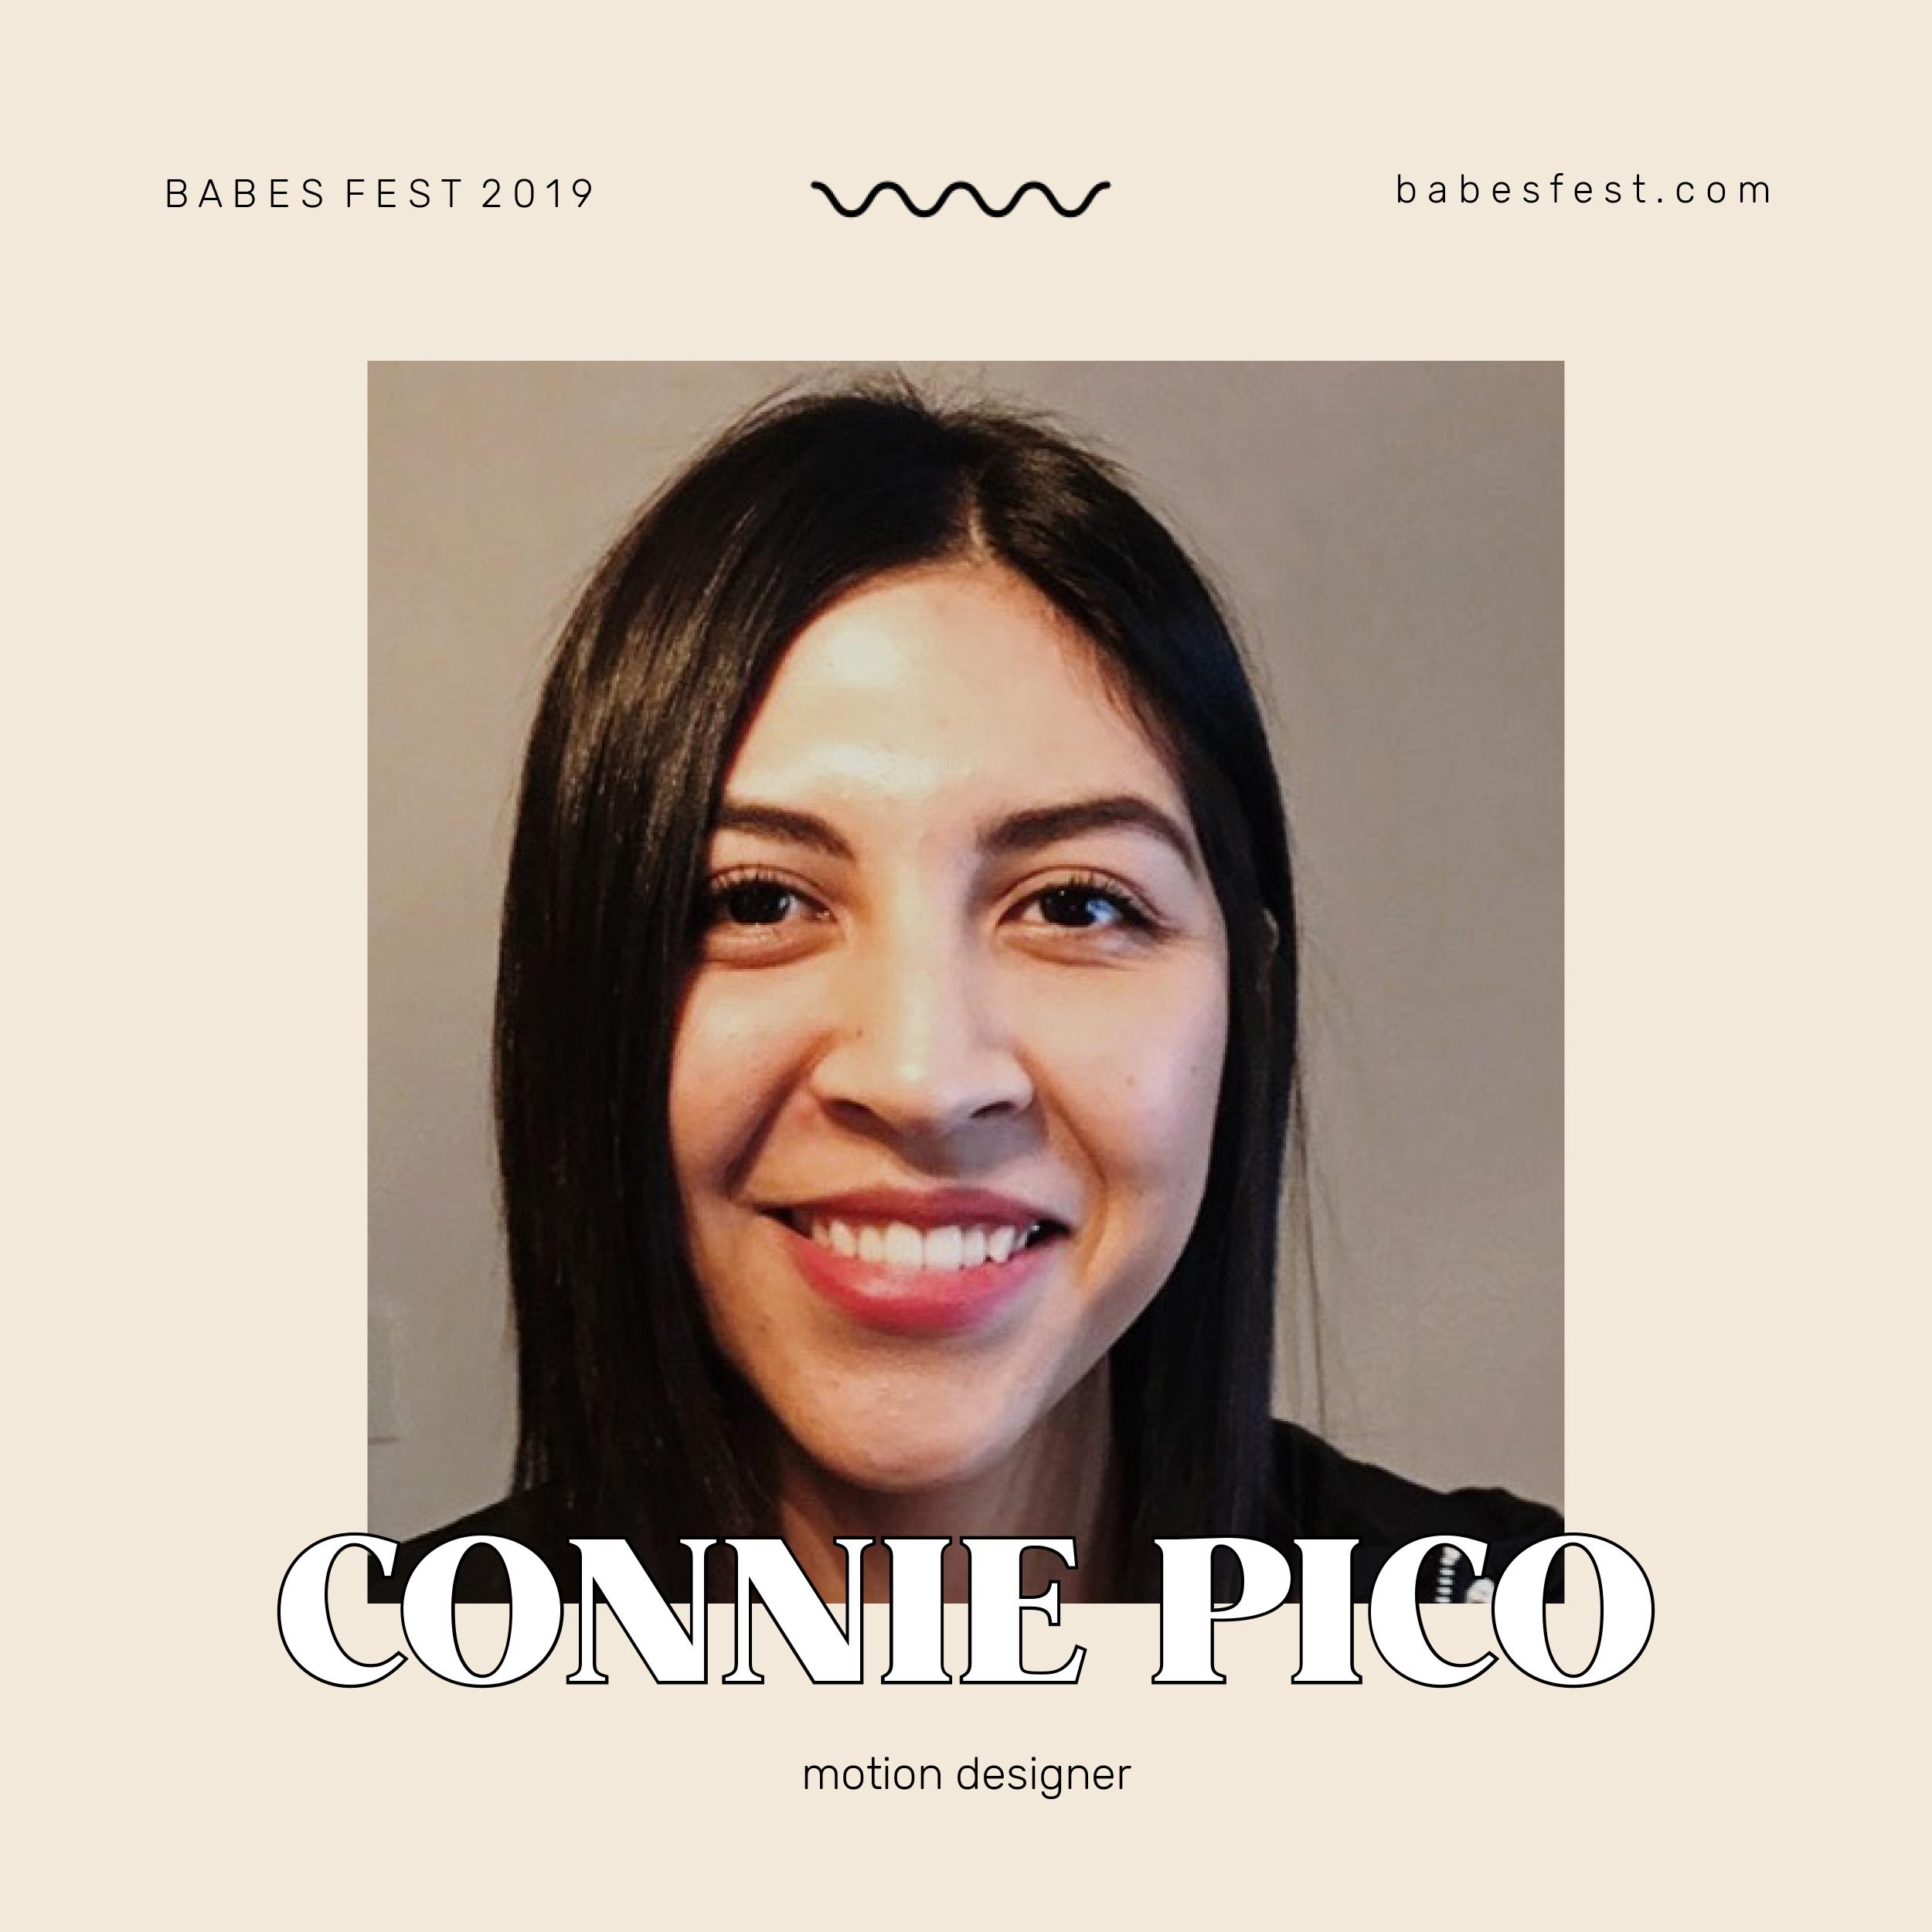 Connie Pico